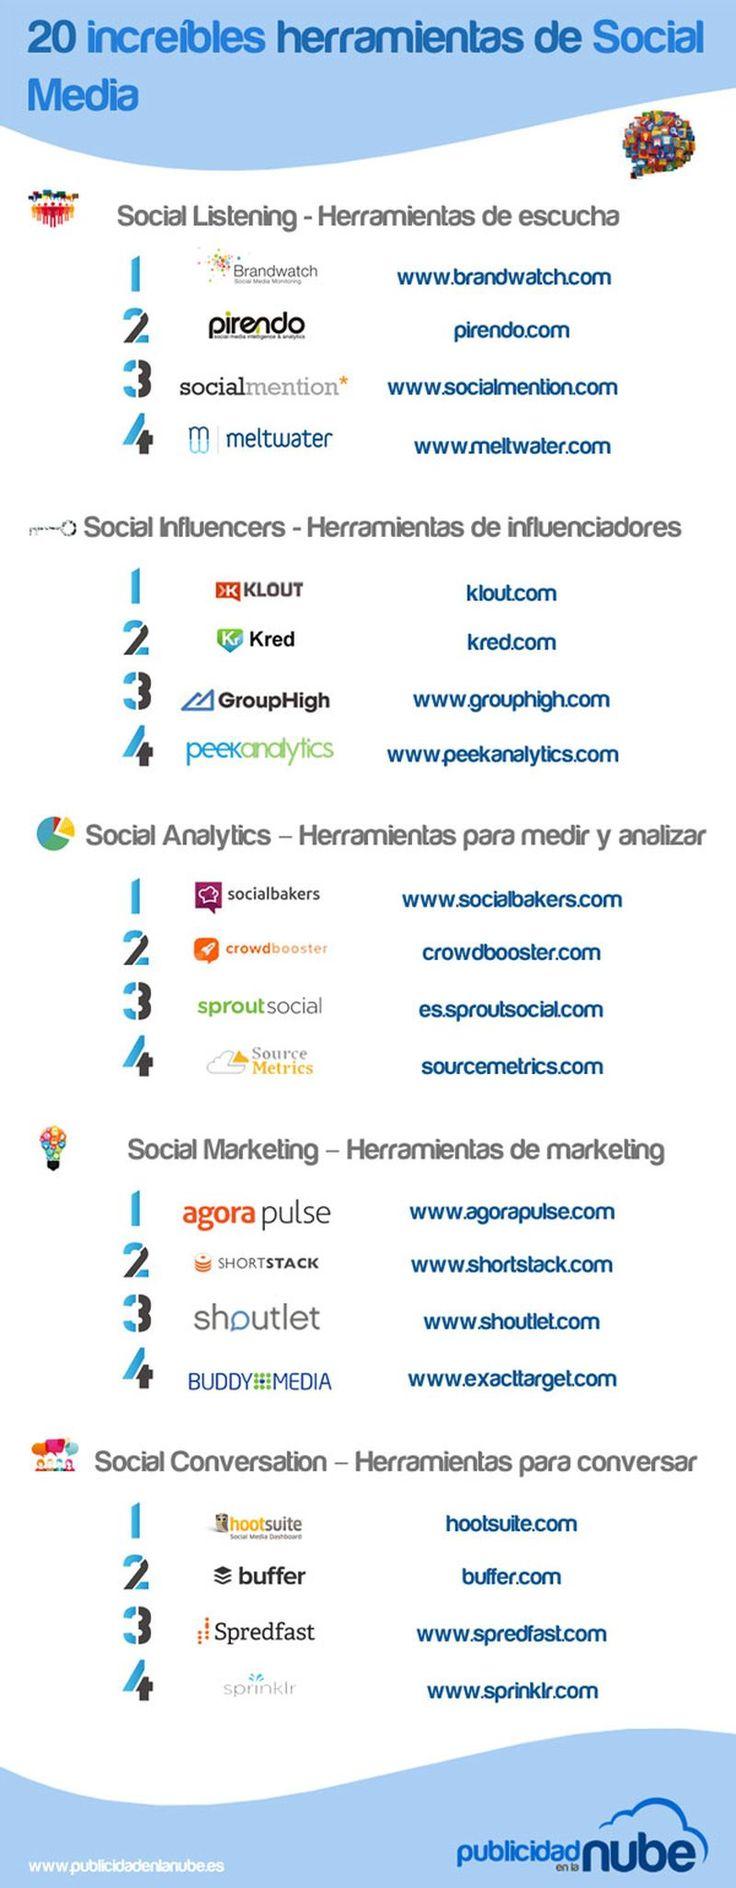 Esta infografía en español nos presenta un listado con las mejores herramientas de Social Media que debemos conocer y si es posible utilizar.